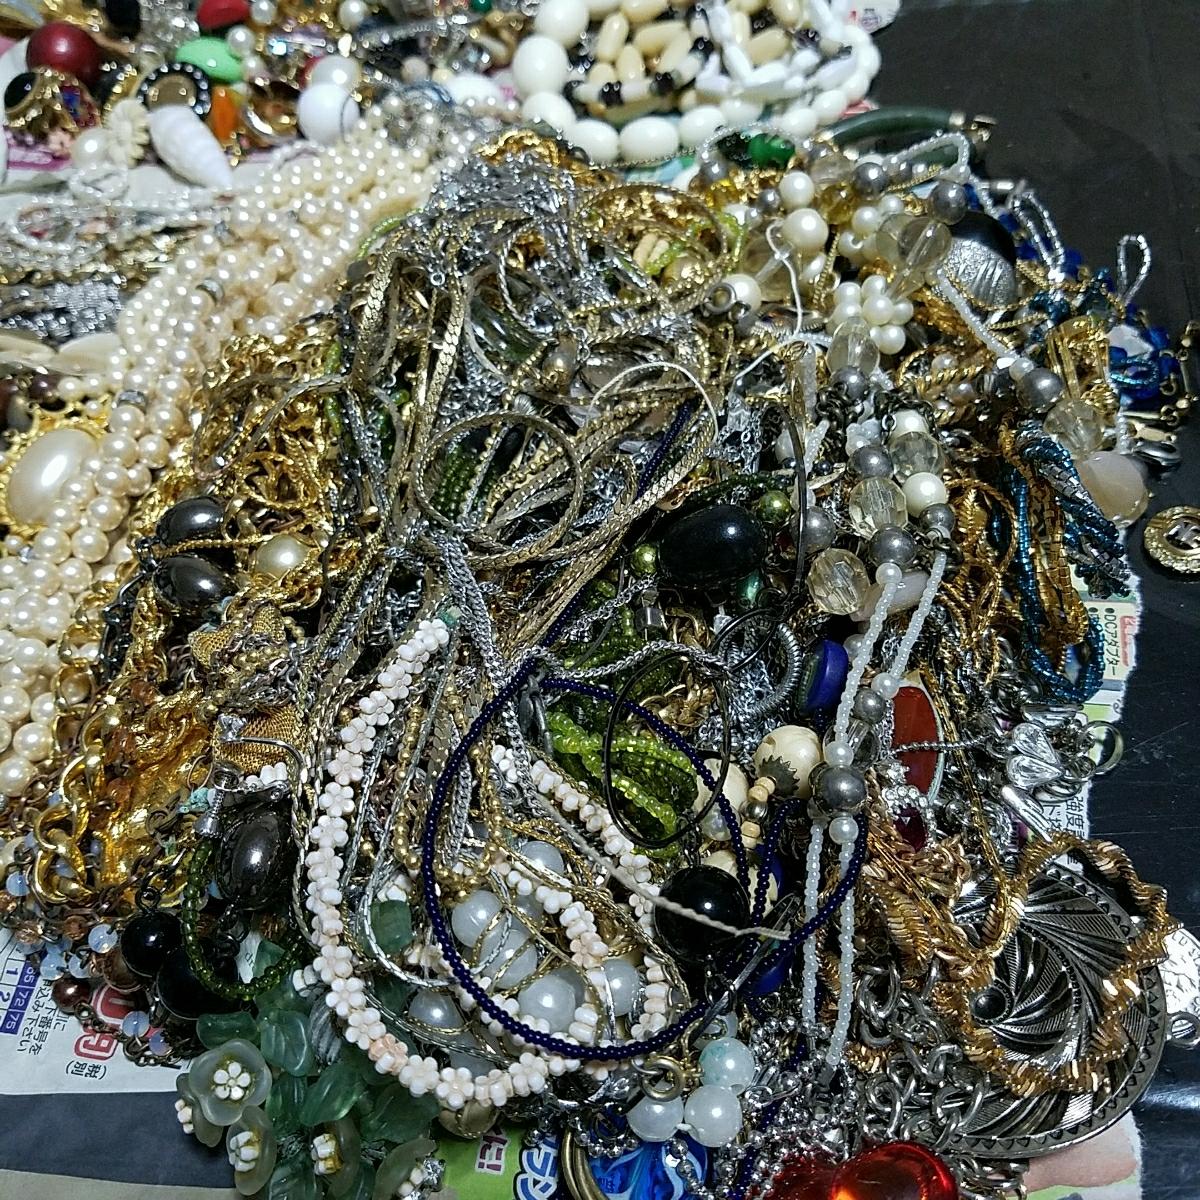 アクセサリー 大量約5キロ silver刻印 & シャネル 等各種ブランド 多数含む イミテーション 真珠 ネックレス タイピング 指輪 イヤリング_画像2